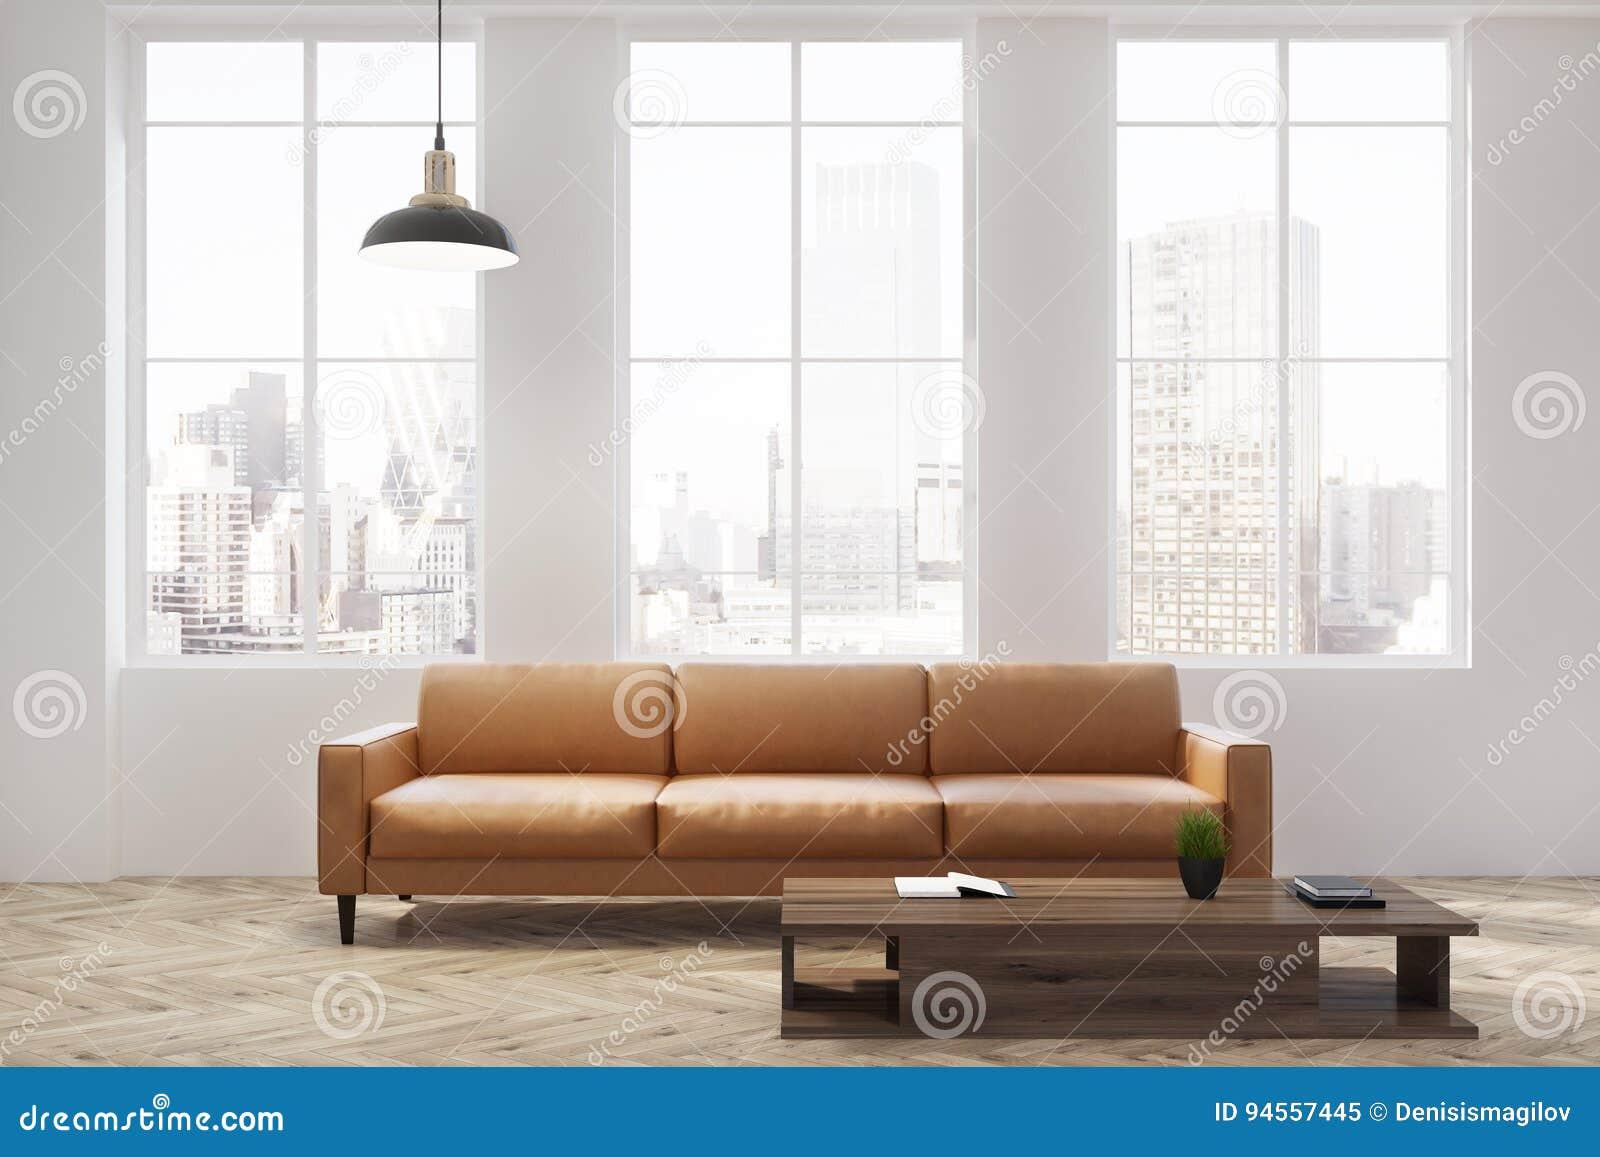 Download Weißes Wohnzimmer Mit Einem Beige Sofa, Fenster Stock Abbildung    Illustration Von Couch,